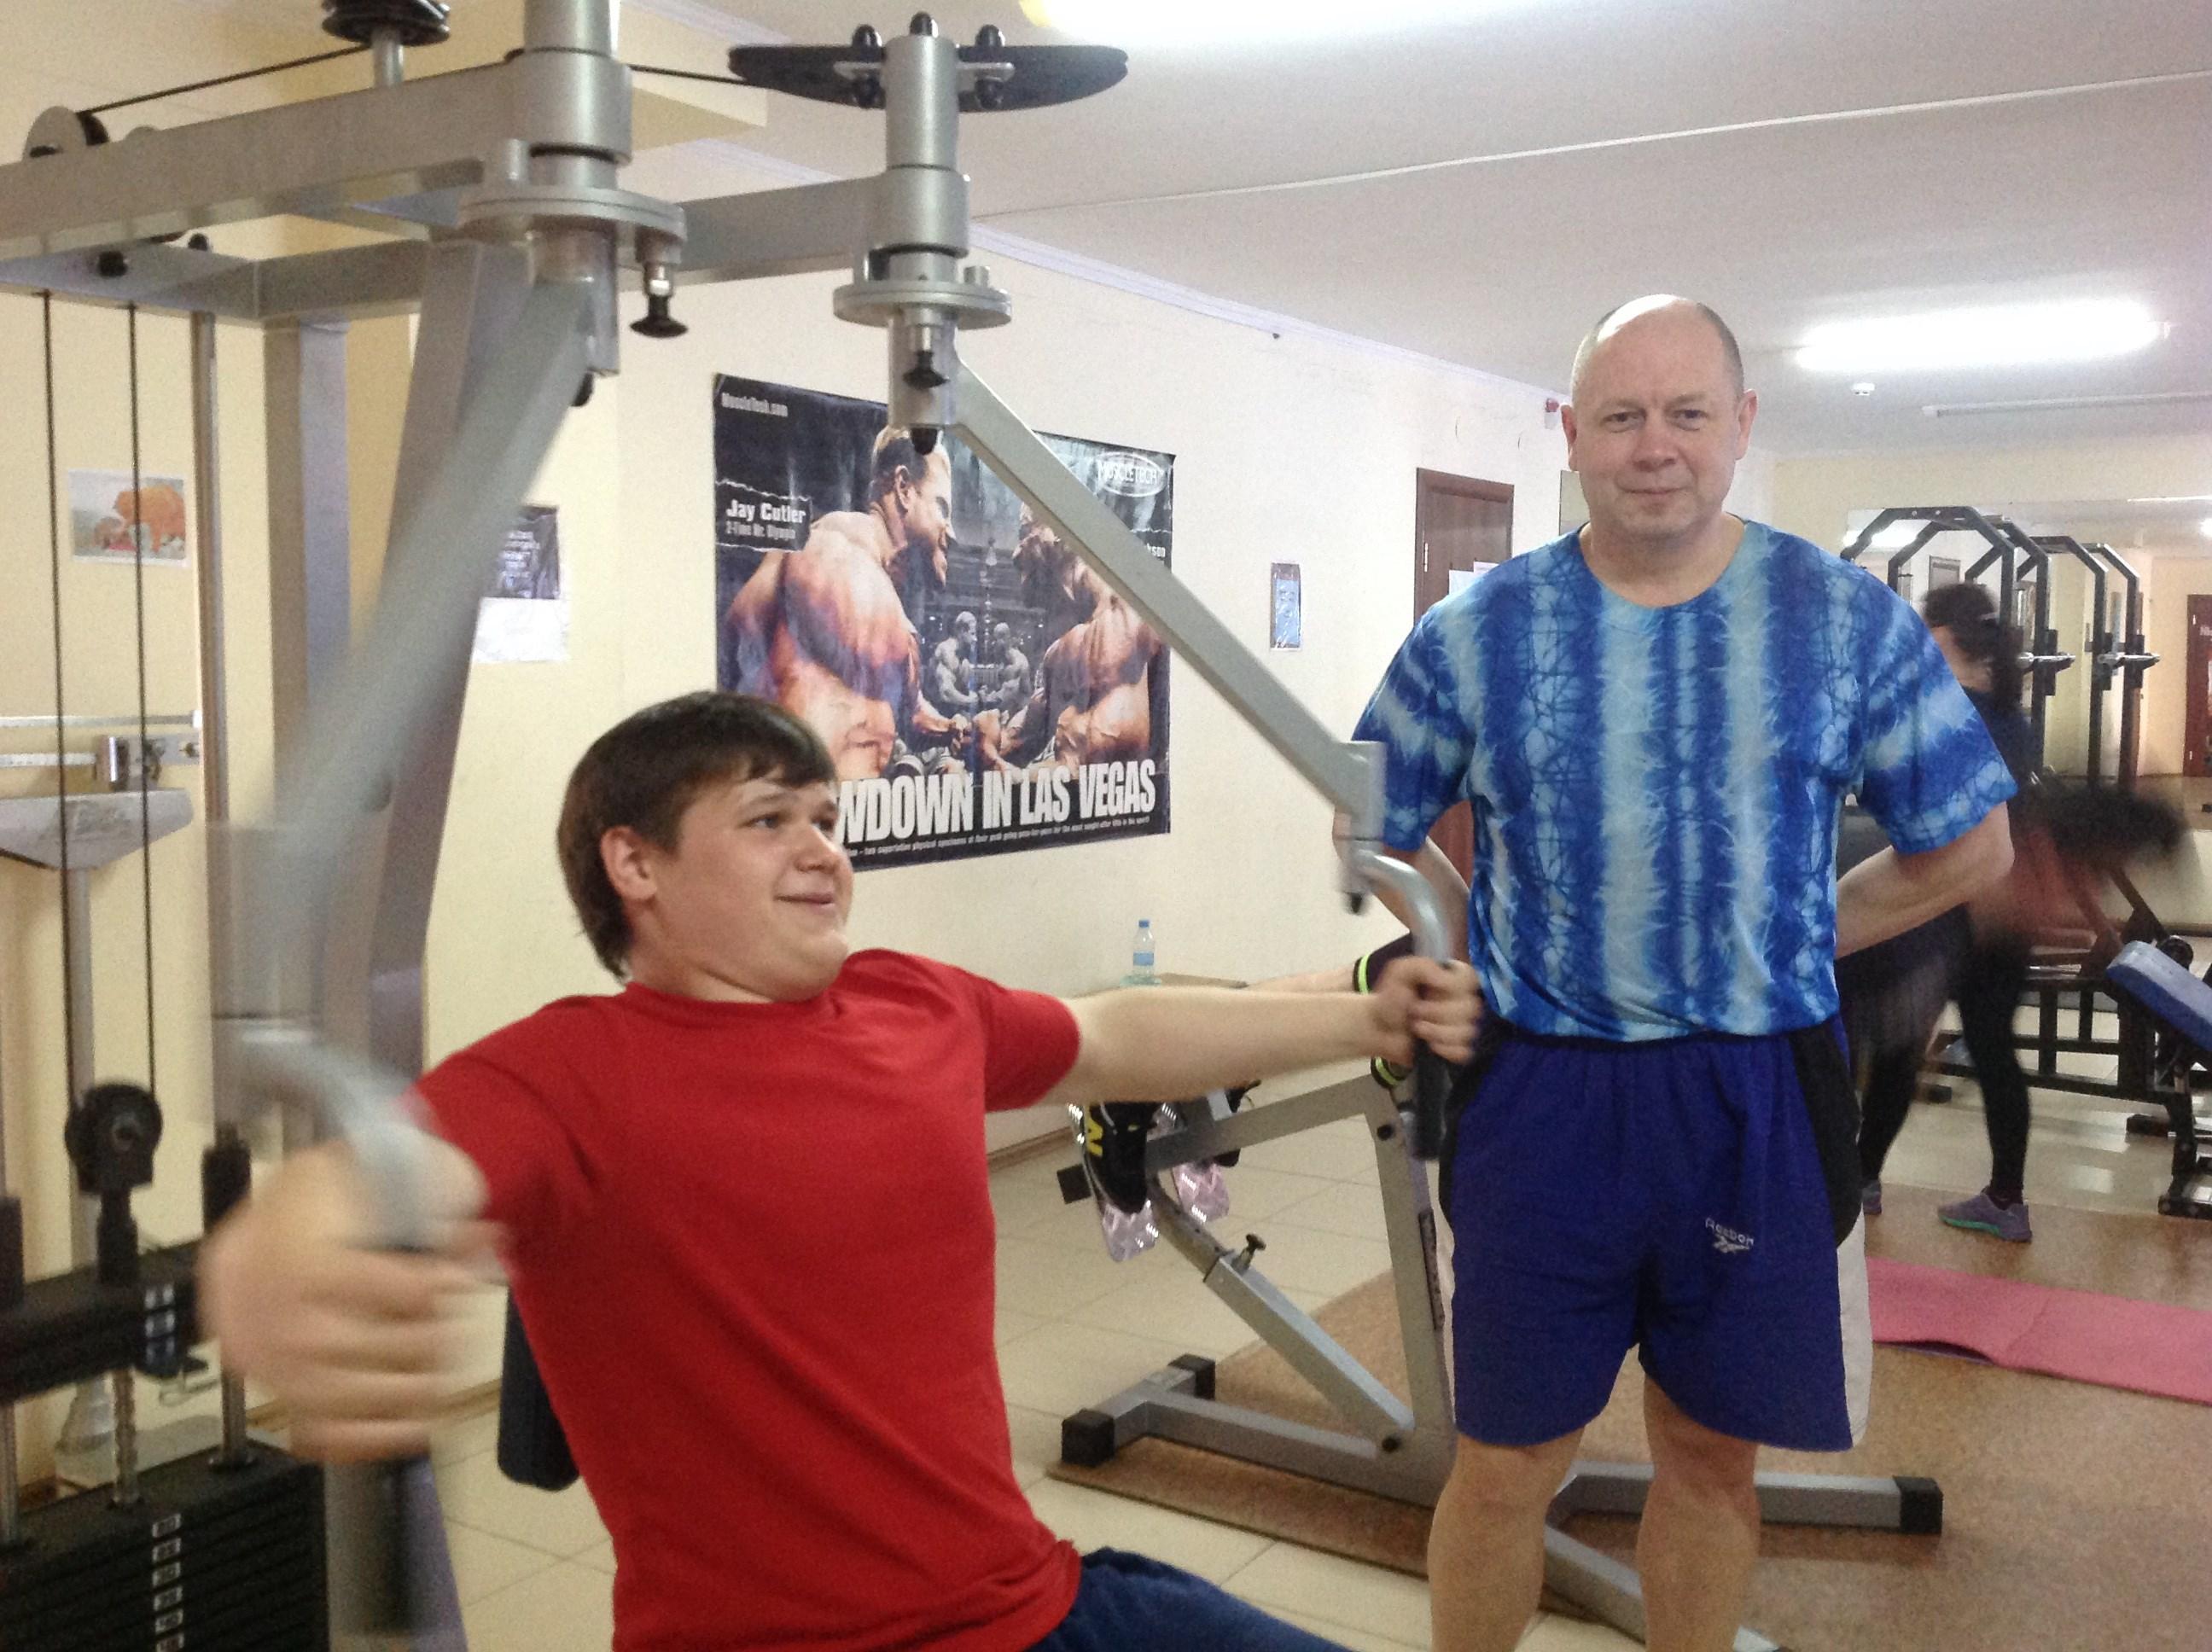 Похудел на 70 кг: победитель Х-фактора открыл секрет хорошей фигуры